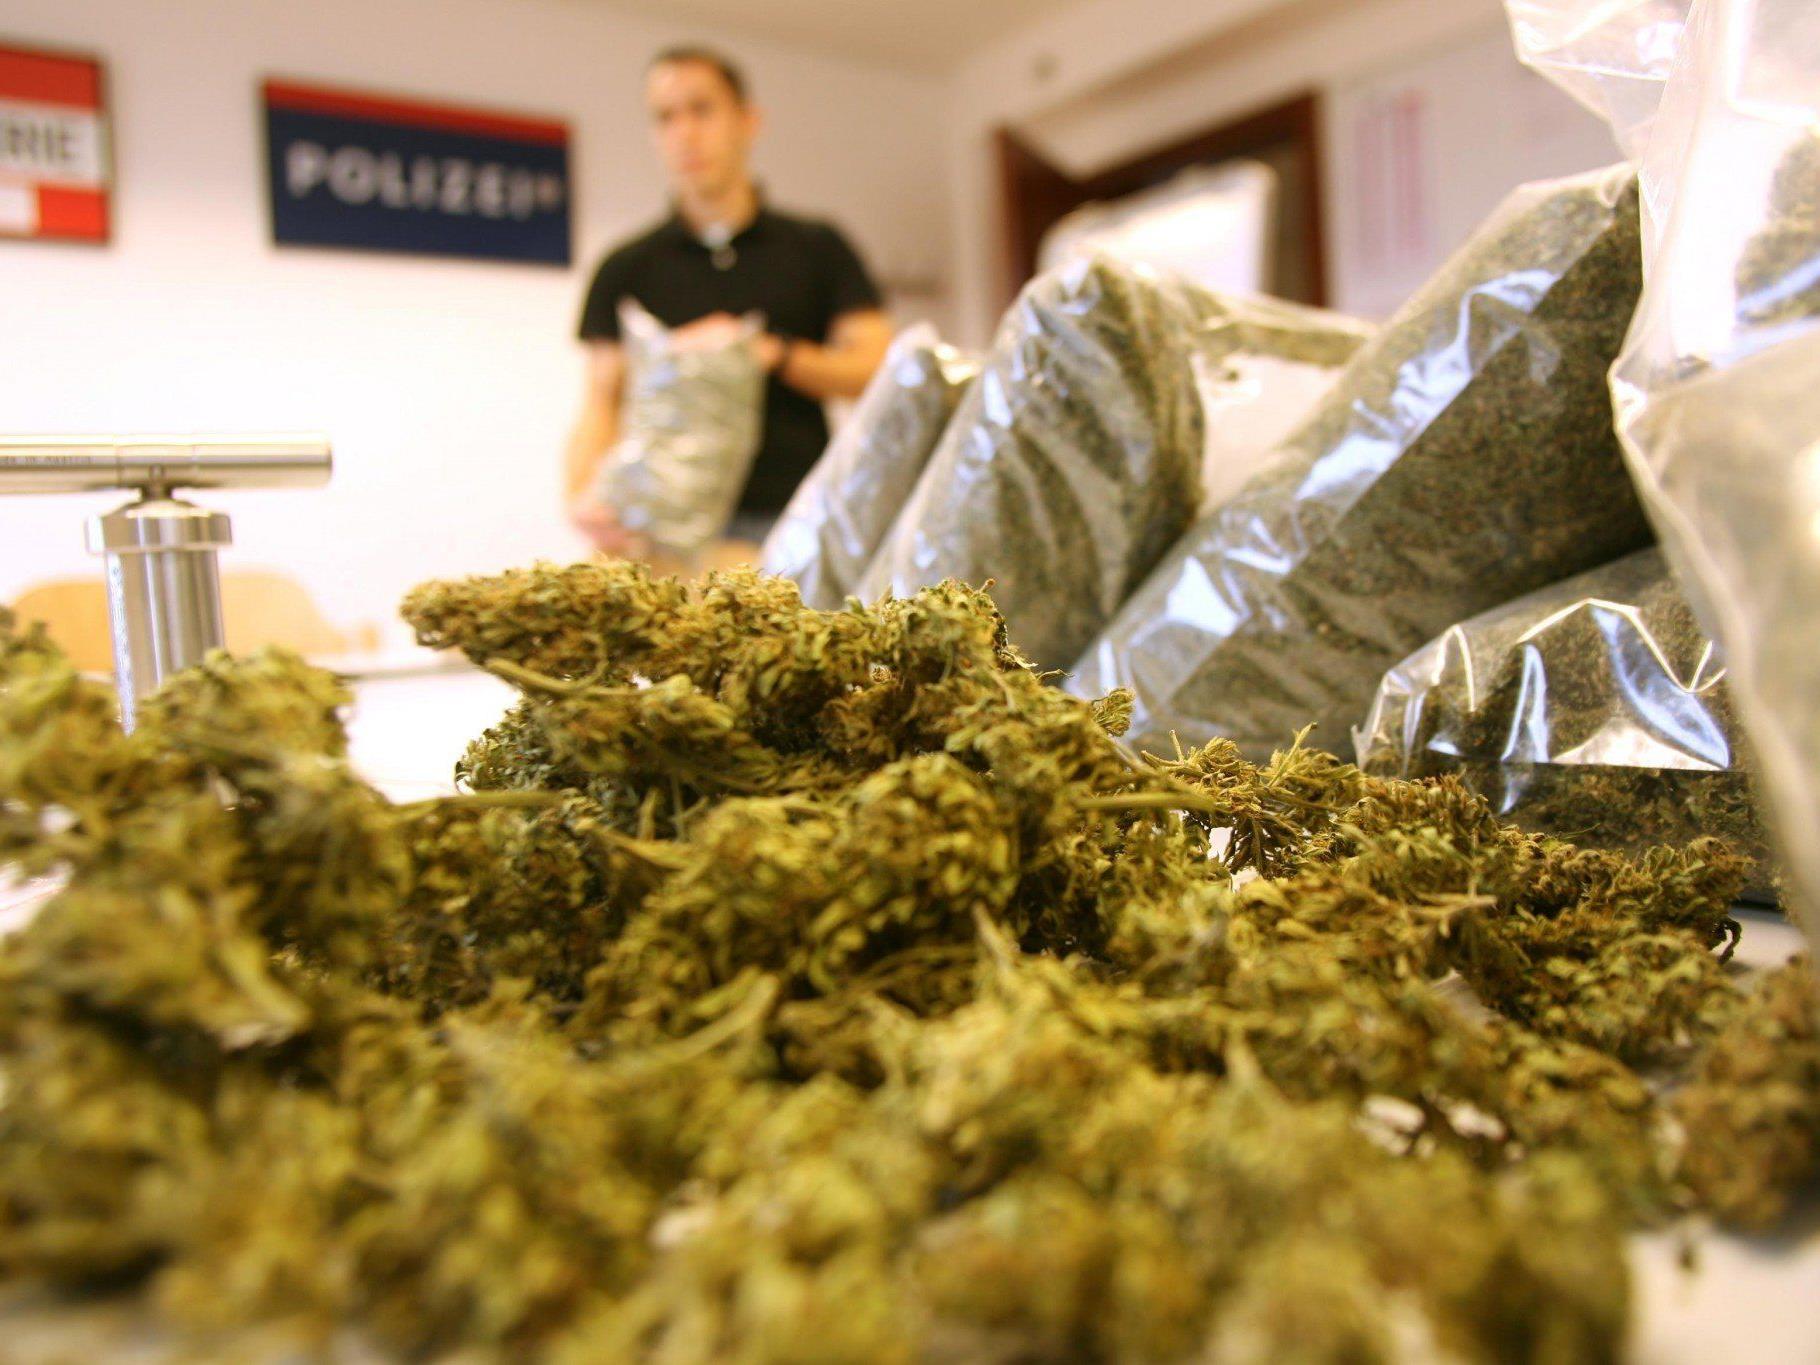 Der Angeklagte fungierte als Warenlager für das Marihuana.